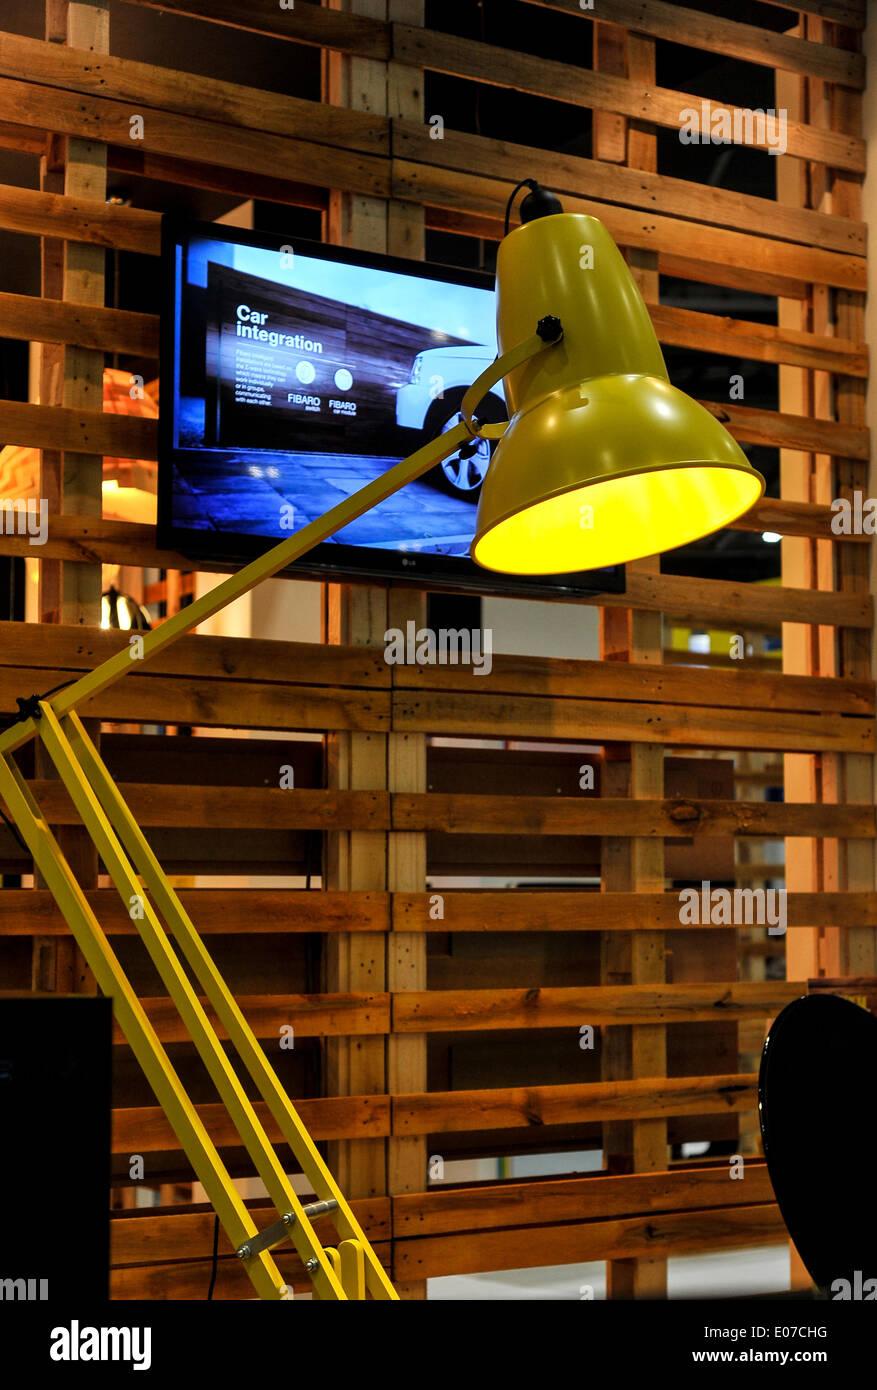 Fantastisch Die Küche Tv Uk Fotos - Küche Set Ideen - deriherusweets ...